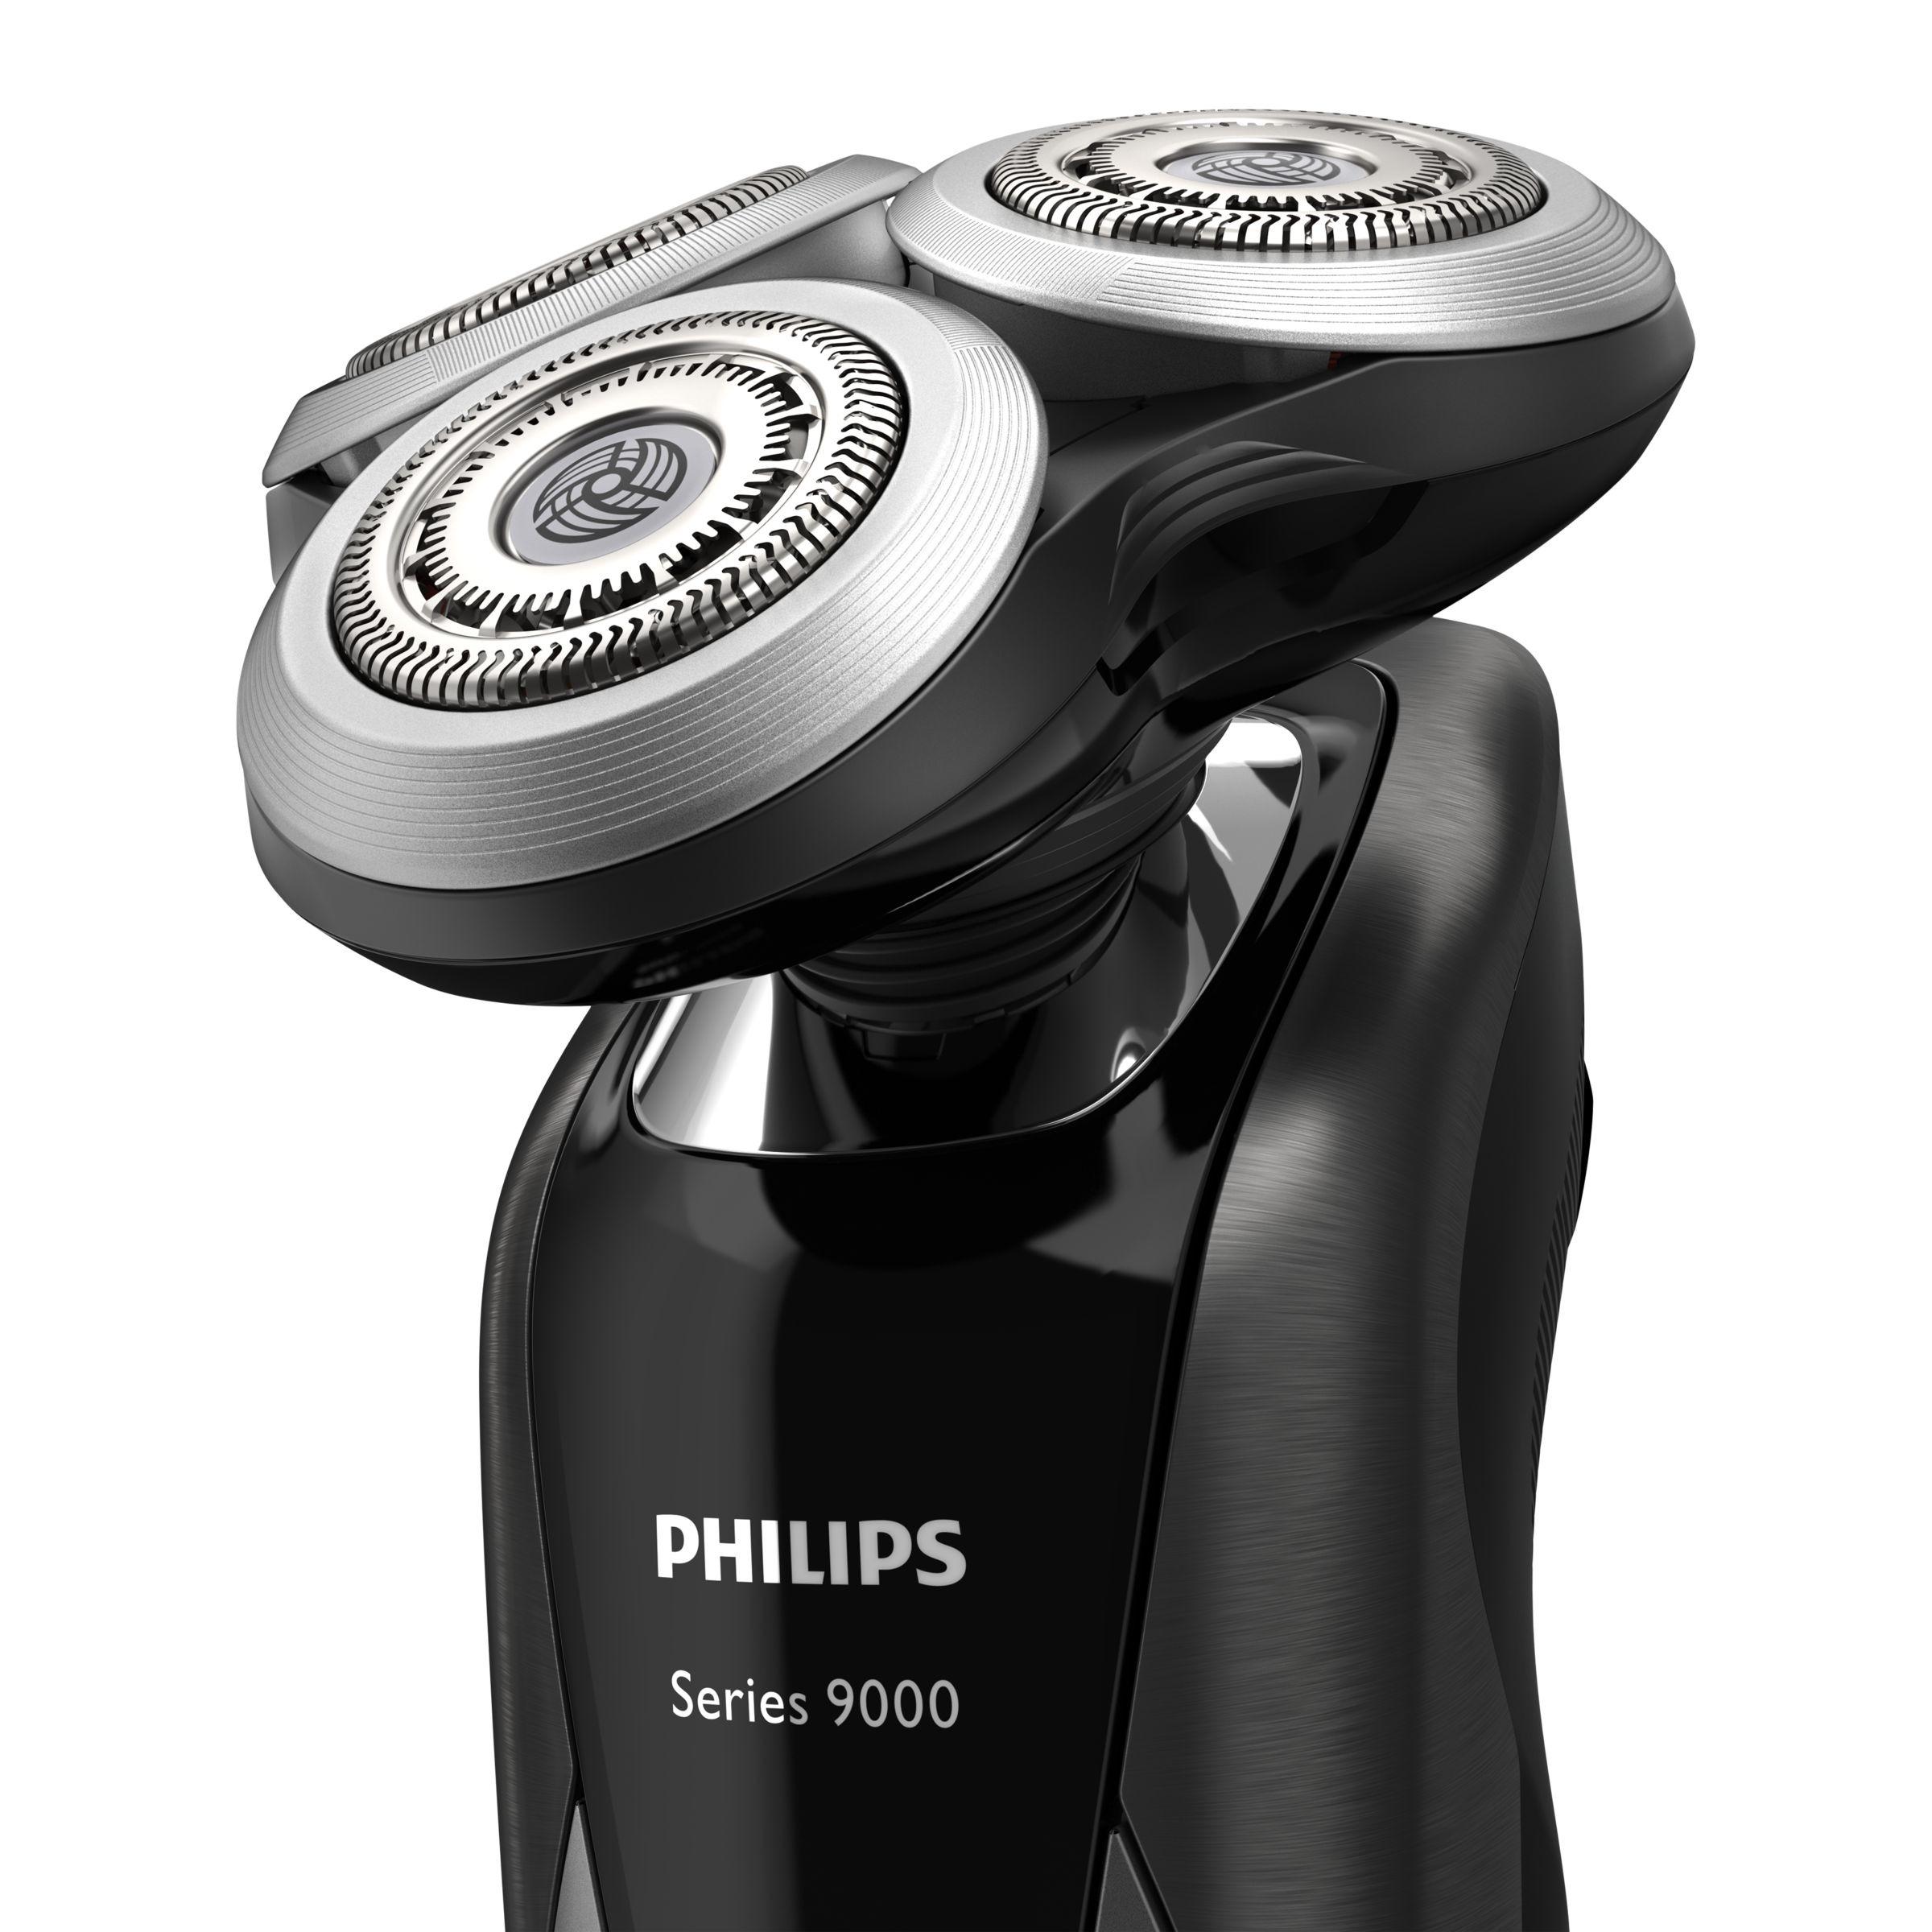 Philips SH90/70 Scheerhoofden